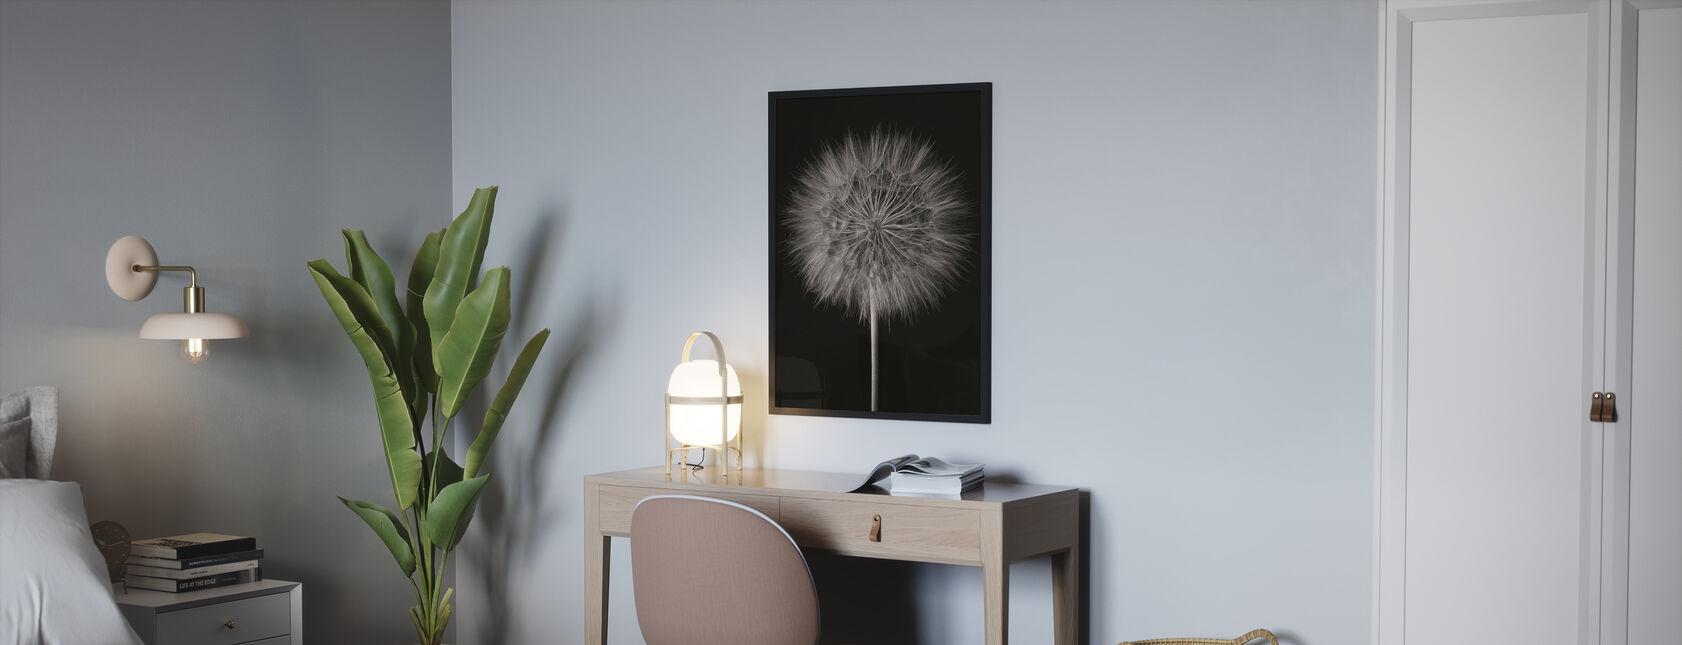 Paardebloem pluis op zwart - Ingelijste print - Slaapkamer